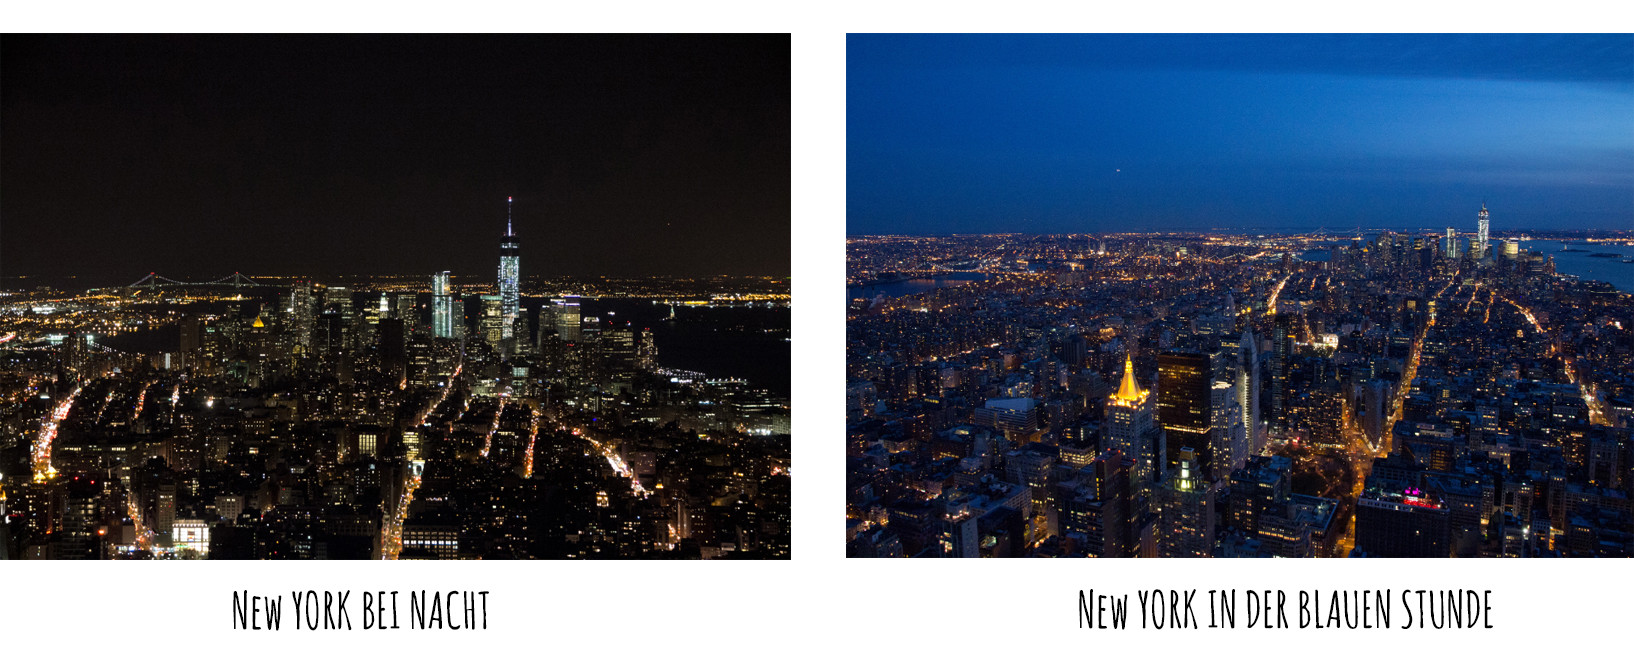 empire state building, view, ny city, blaue stunde, von oben, reiseblog, städtetrip, tips